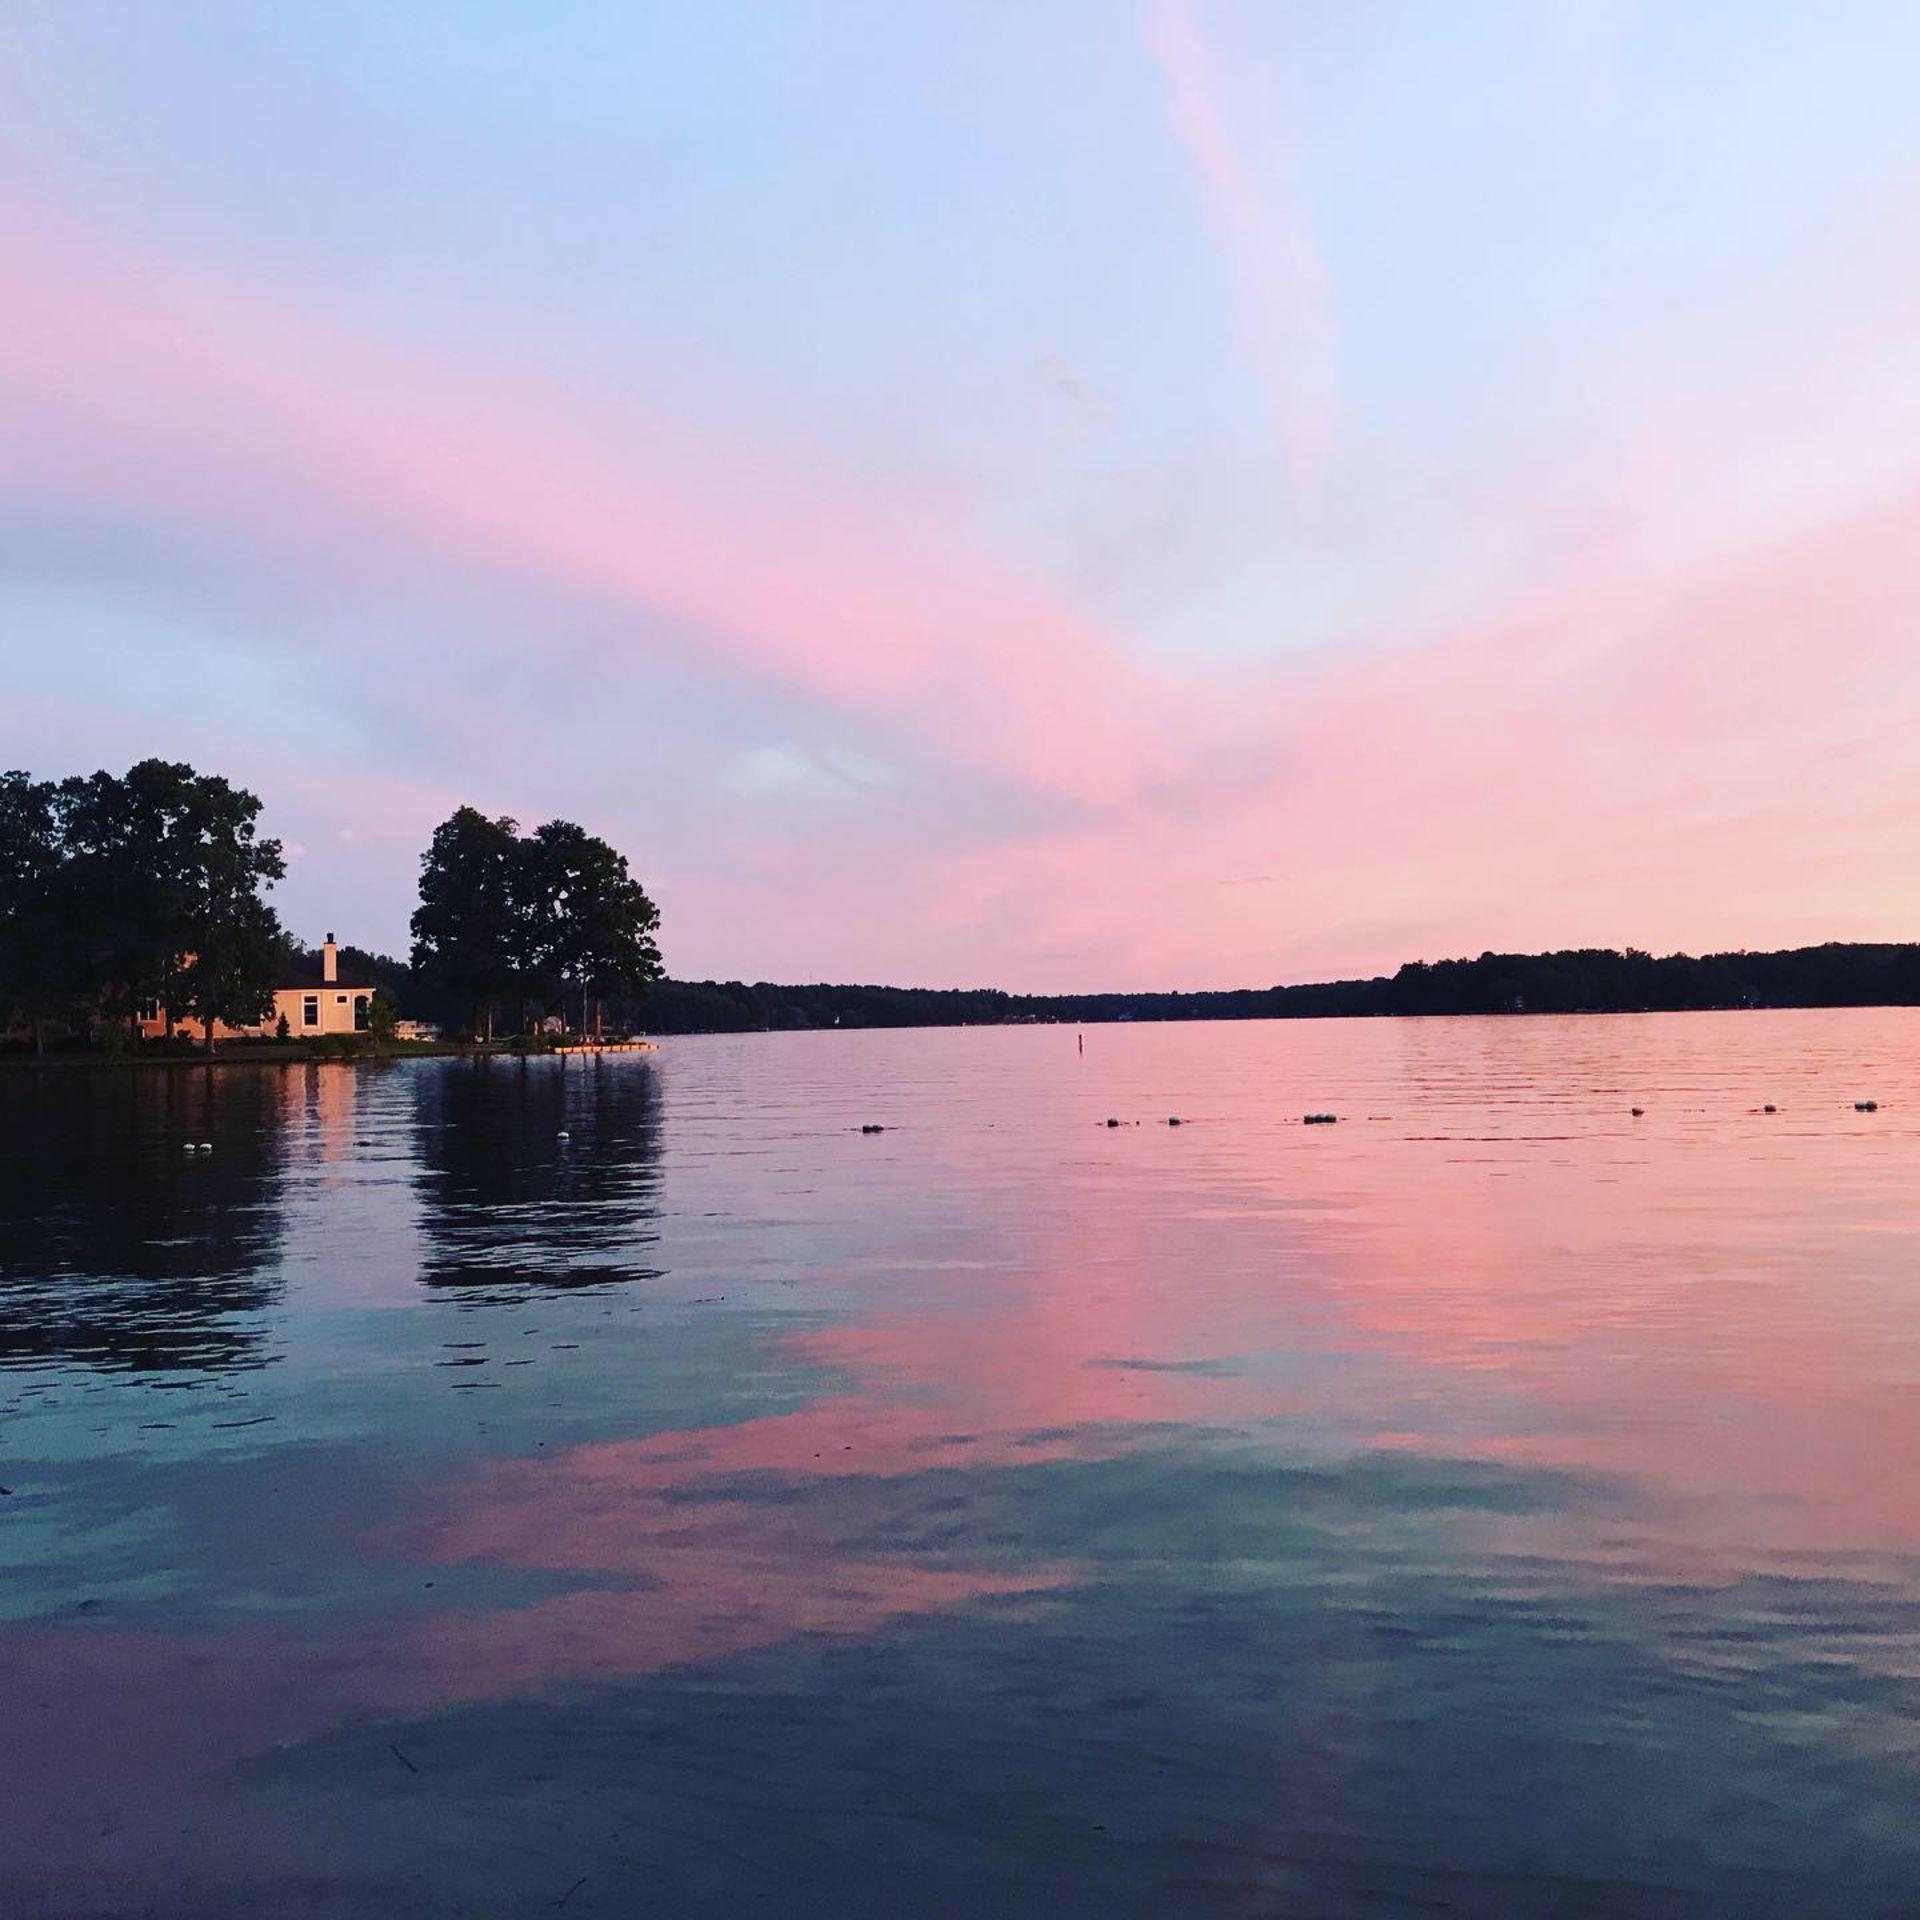 Lake of the Woods, VA